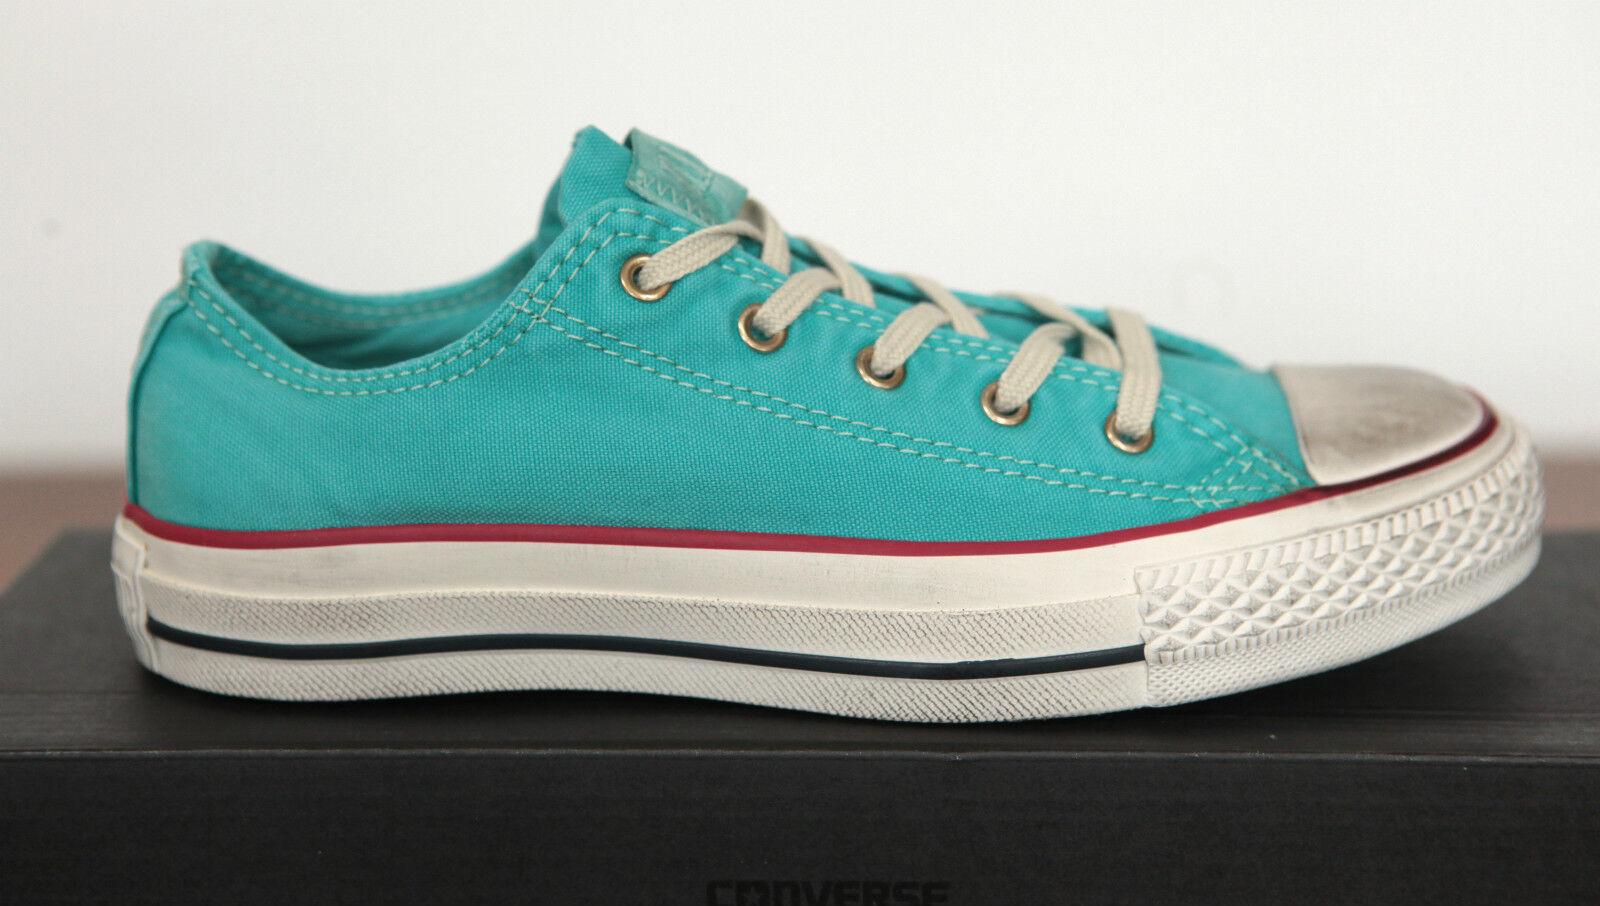 Neu All Star Converse Chucks Low Can Sneaker Well Worn 136714c Gr.36 UK 3,5